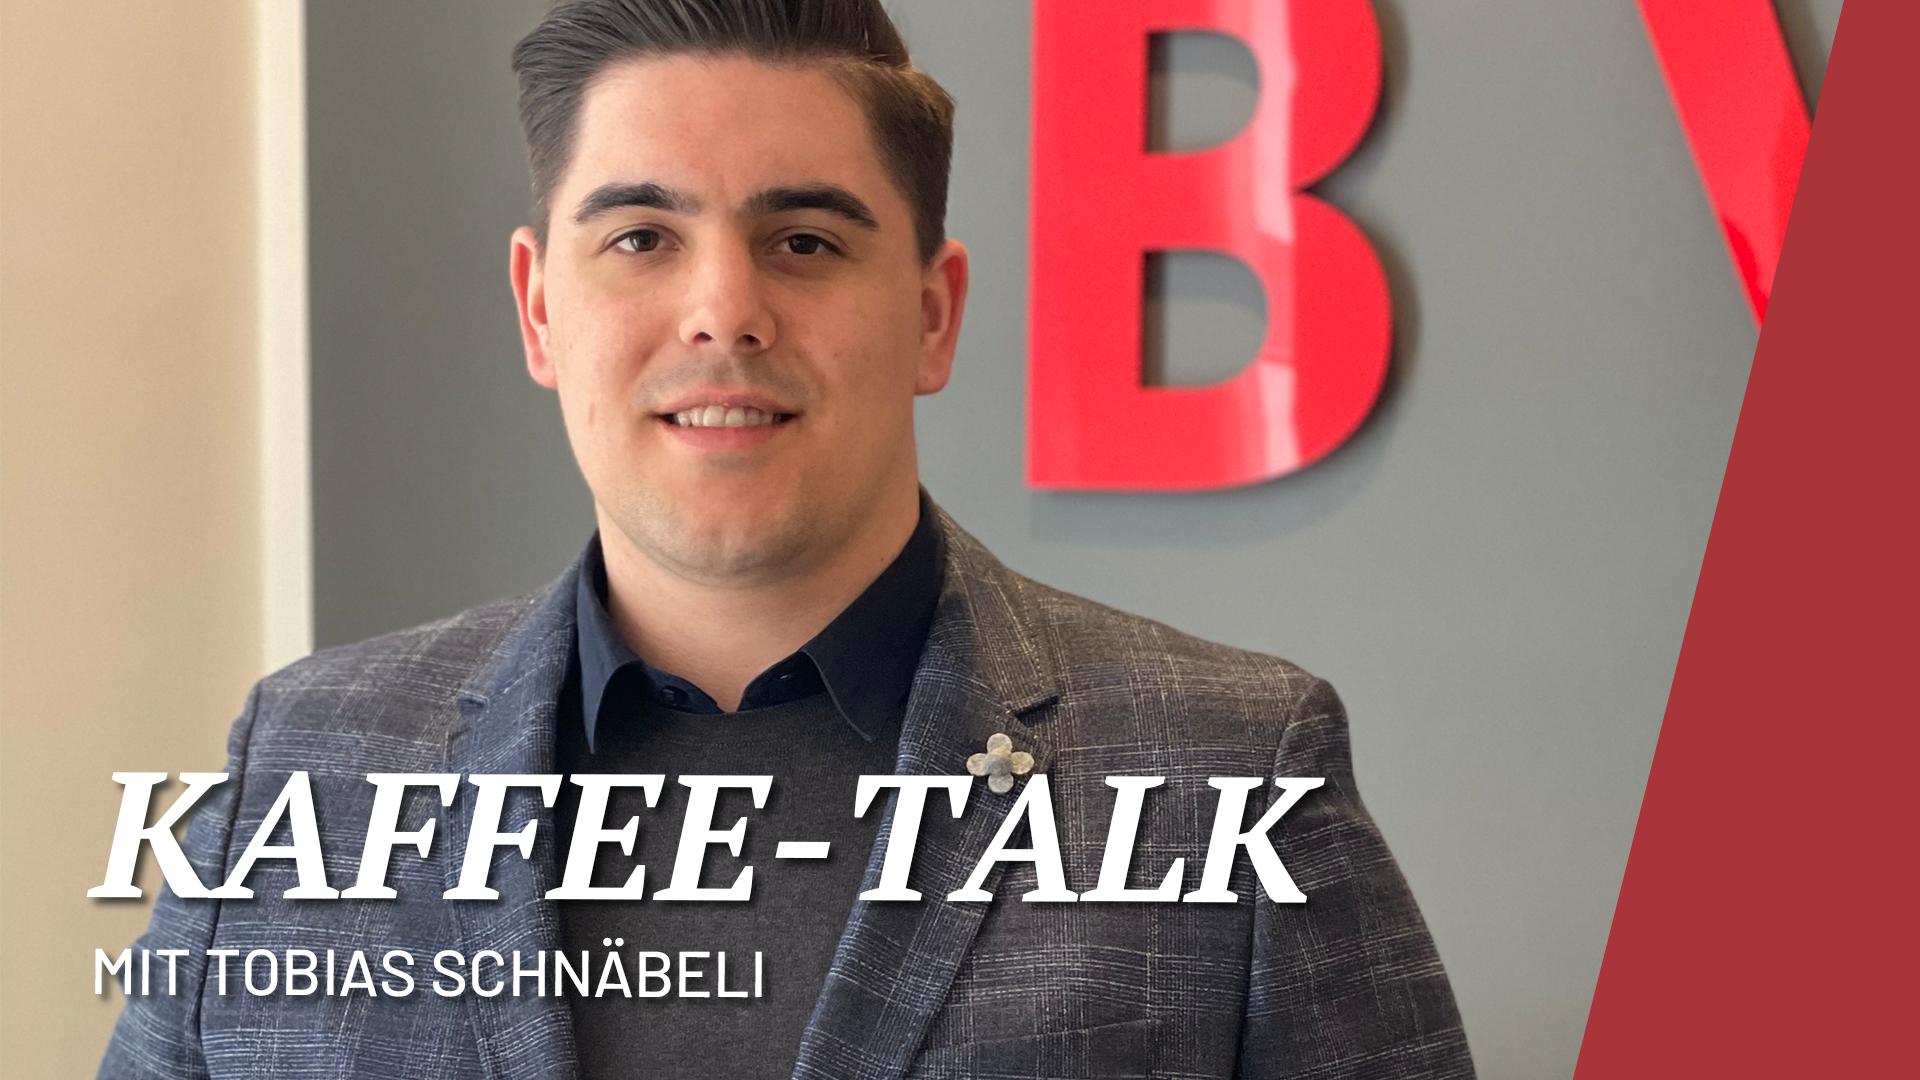 Kaffee-Talk